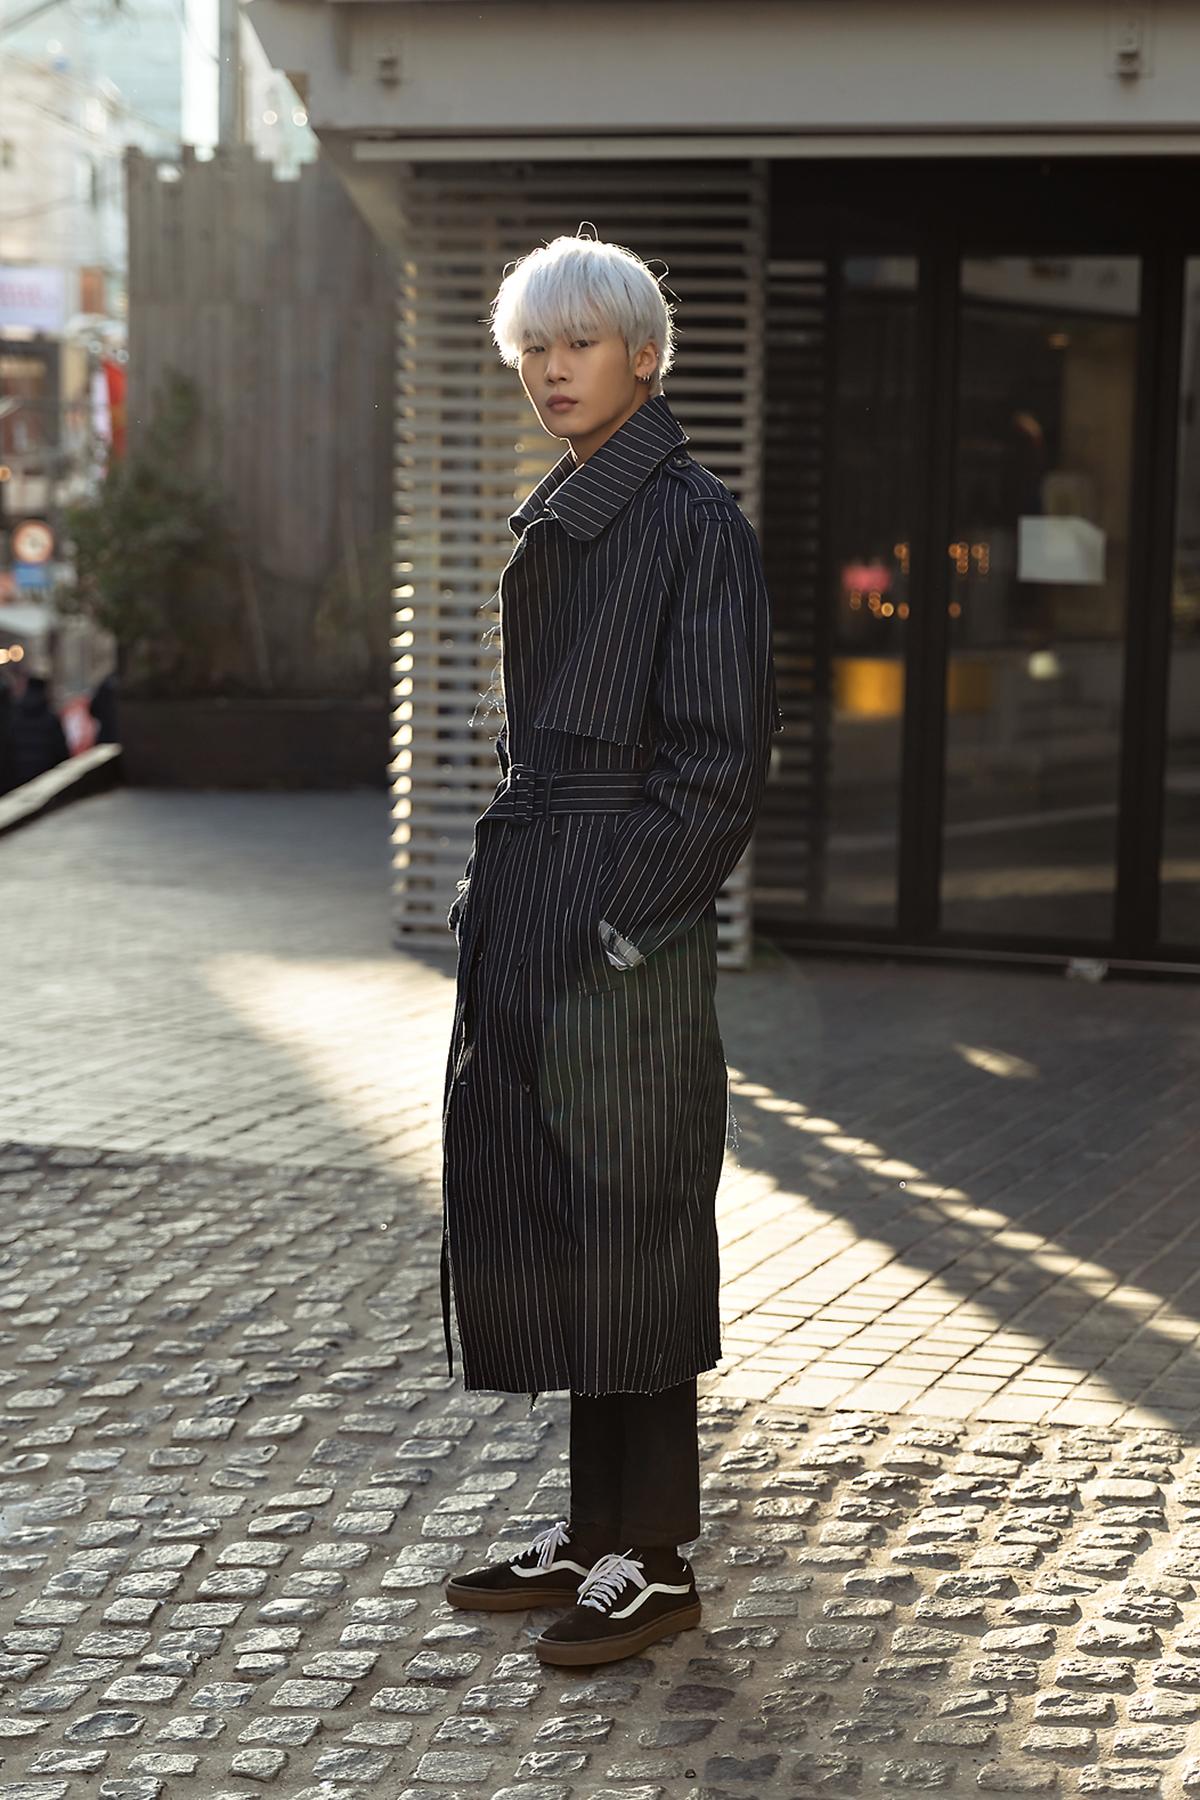 Last week of January 2019, Seoul Men's Street Style